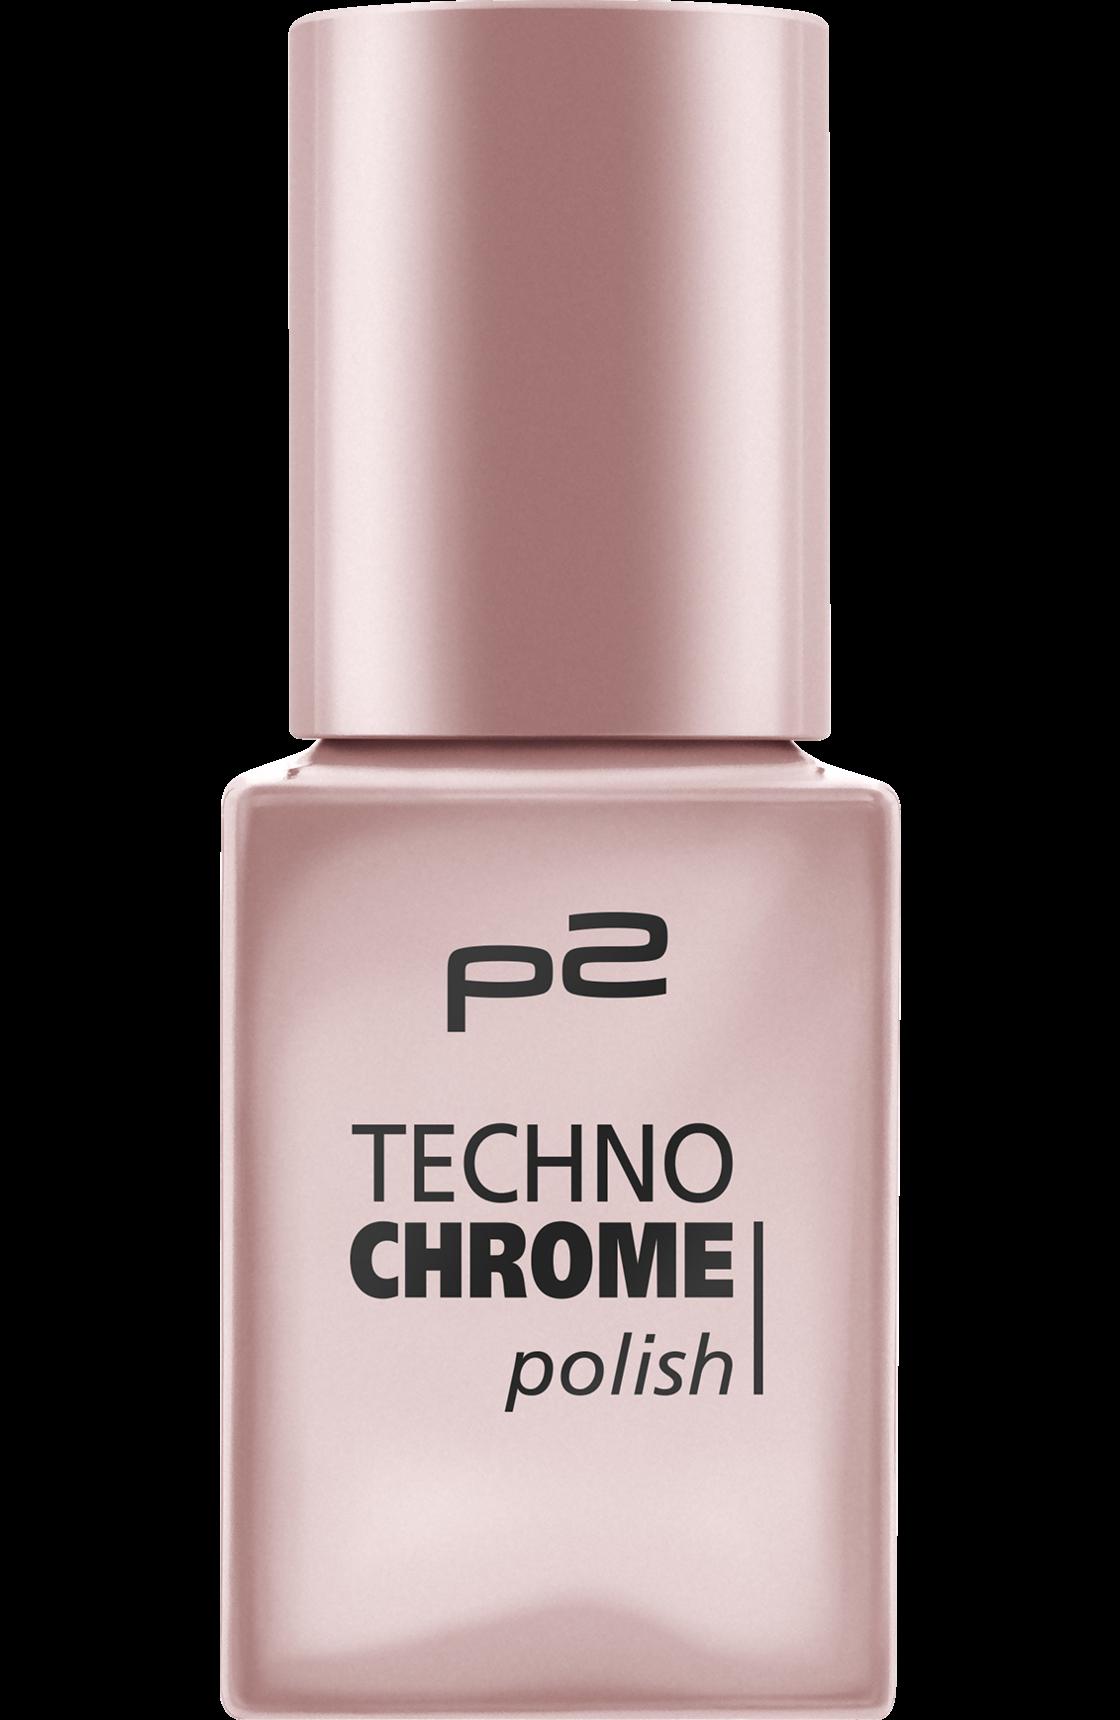 Nagellack techno chrome polish frozen rose 050, 10 ml | Nagelschere ...